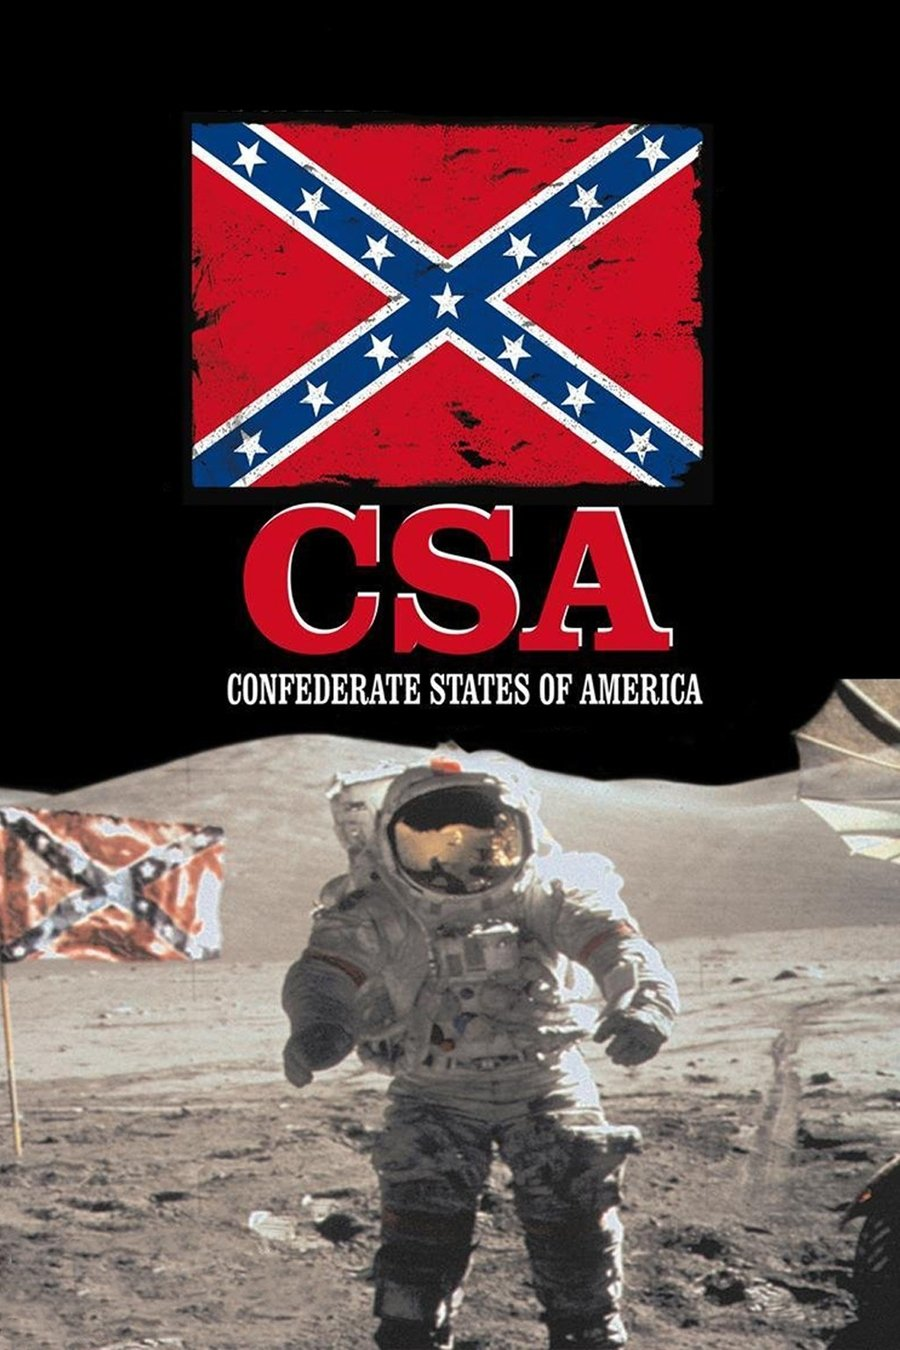 C.S.A: Confederate States of America